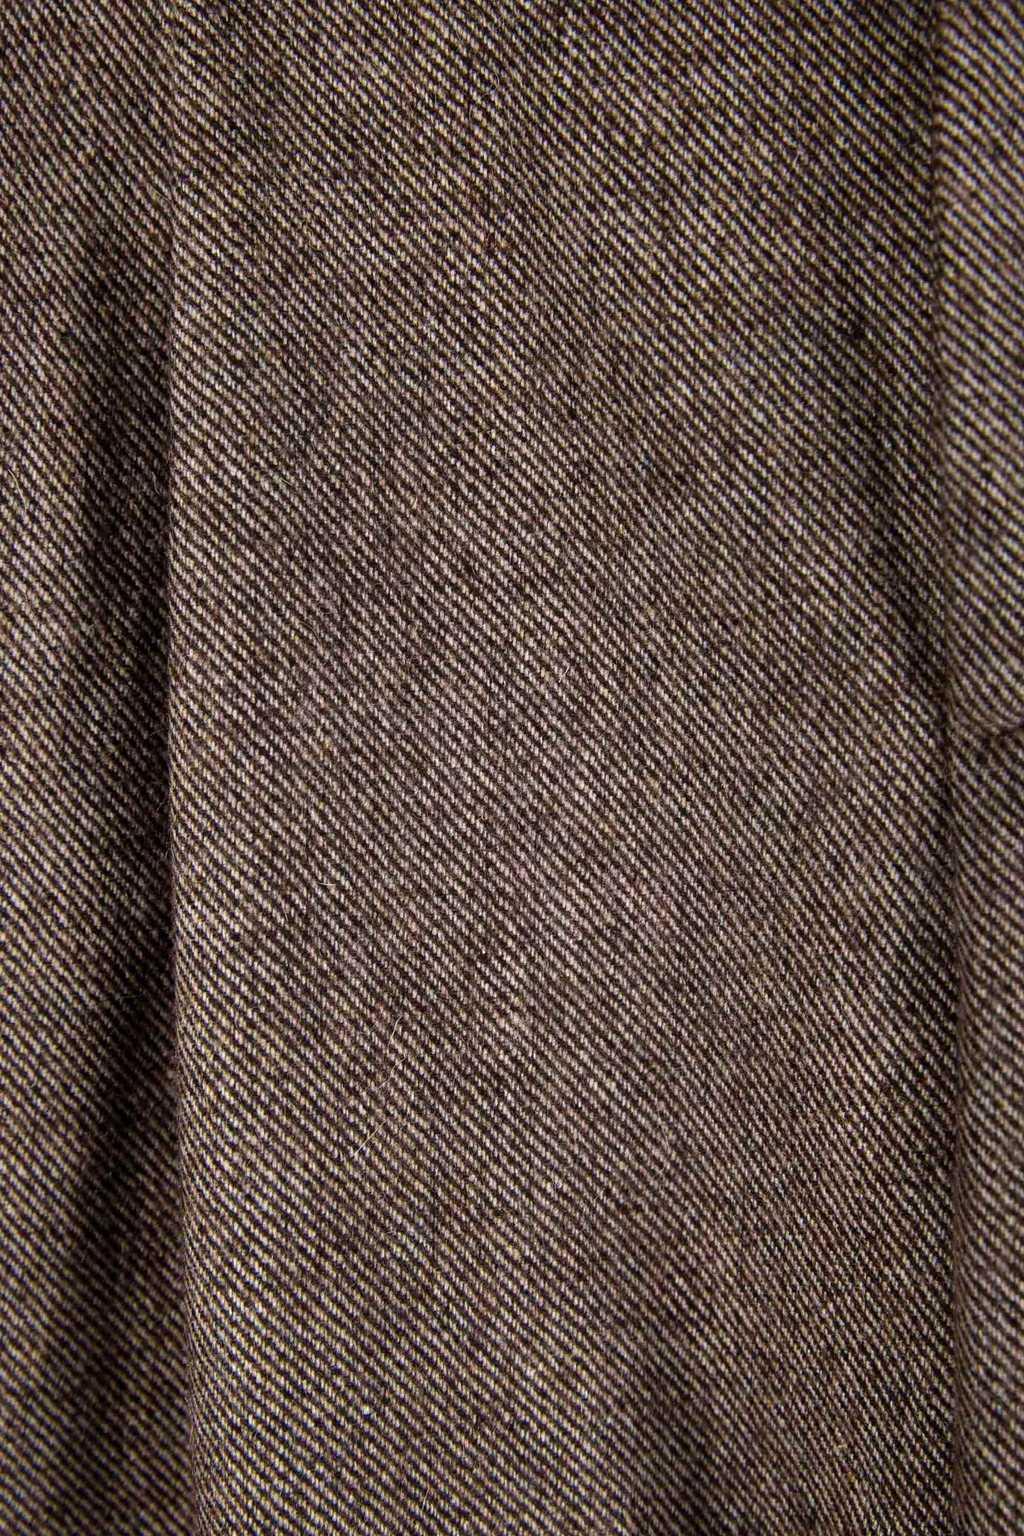 Pant H291 Brown 8